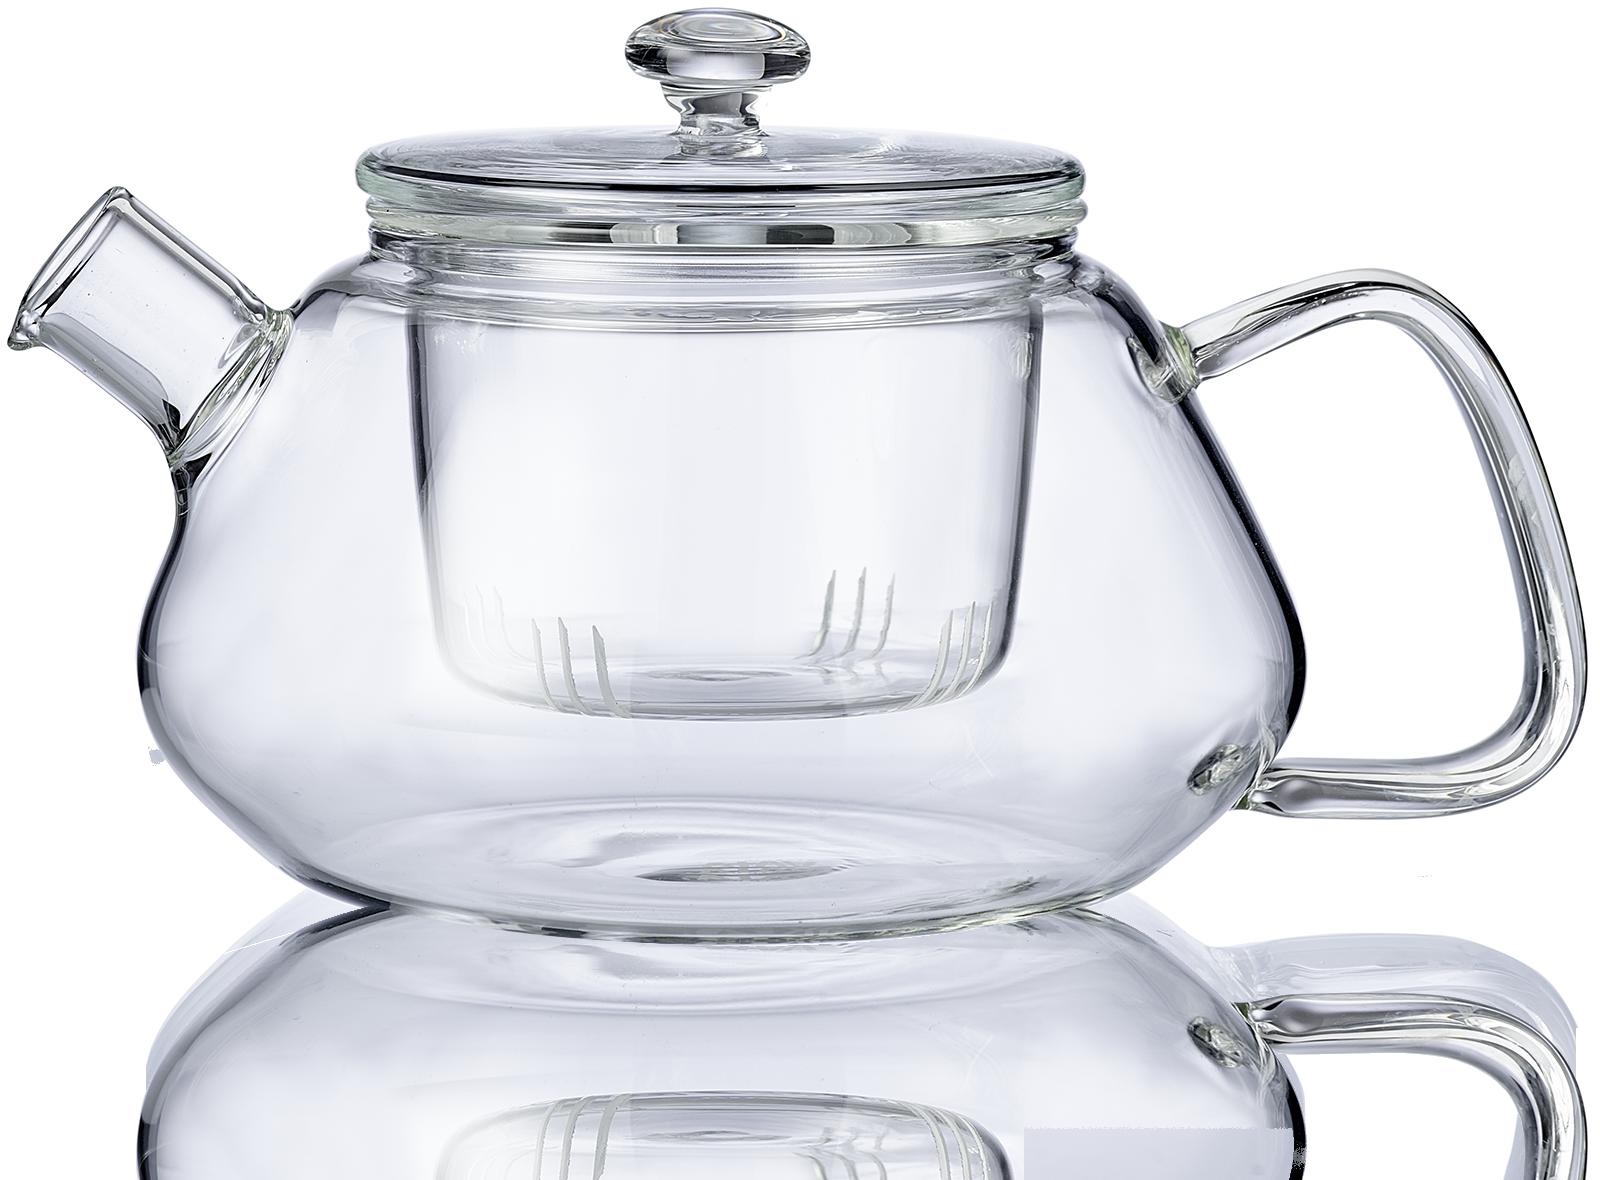 Théière en verre Nicola - Accessoire pour le thé - Kusmi Tea